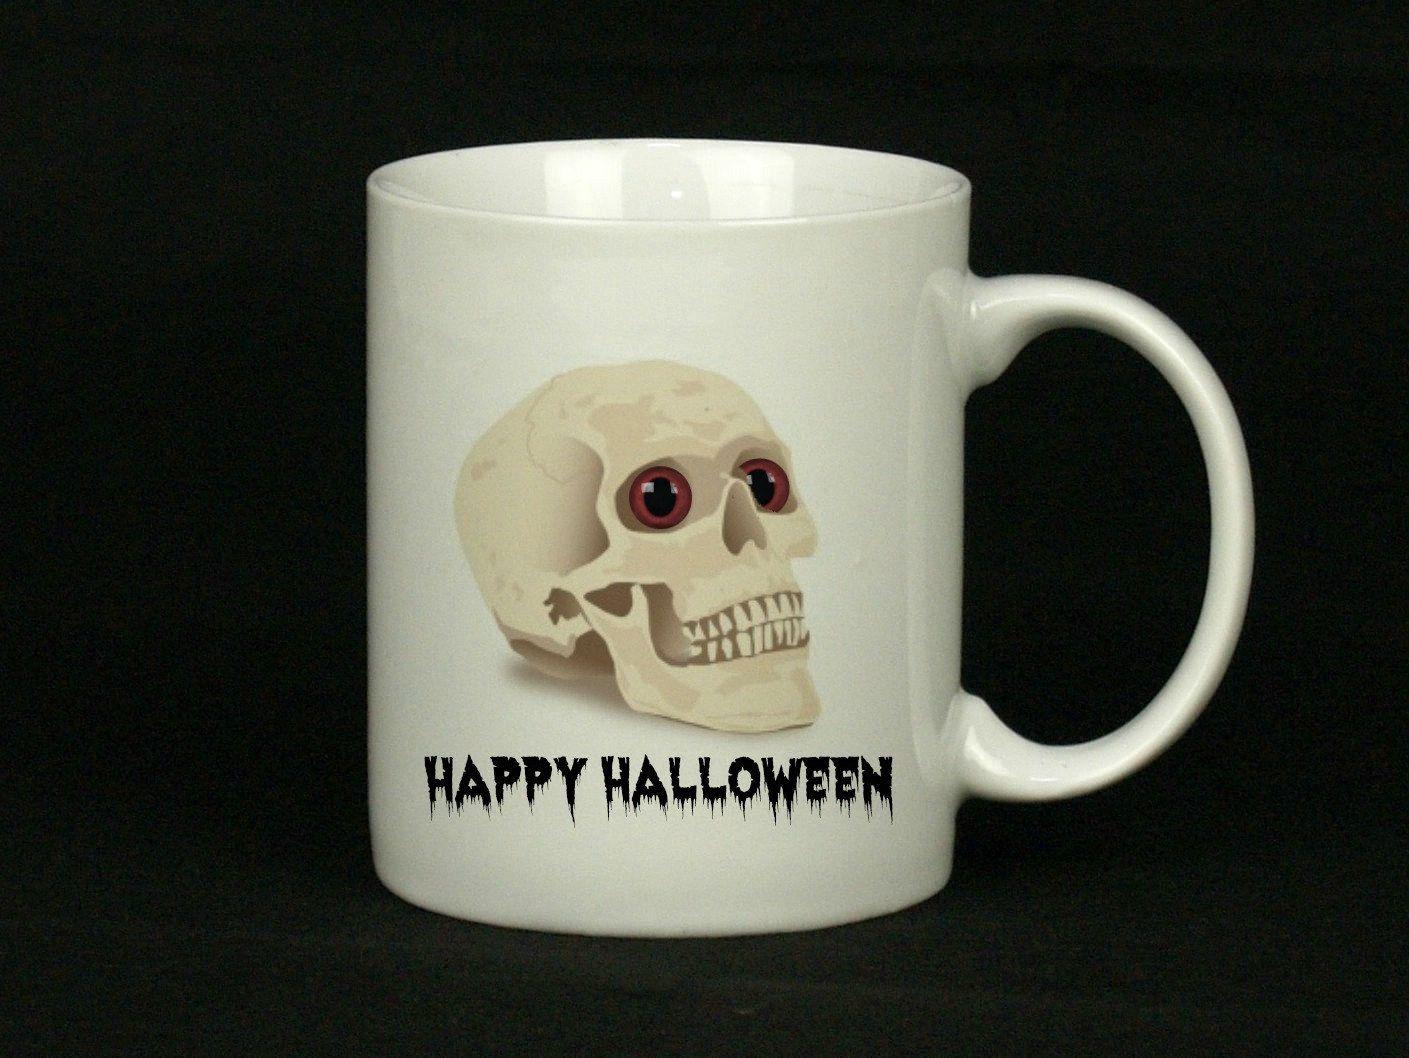 happy halloween mug, skeleton mug, coffee mug, 15oz, mug